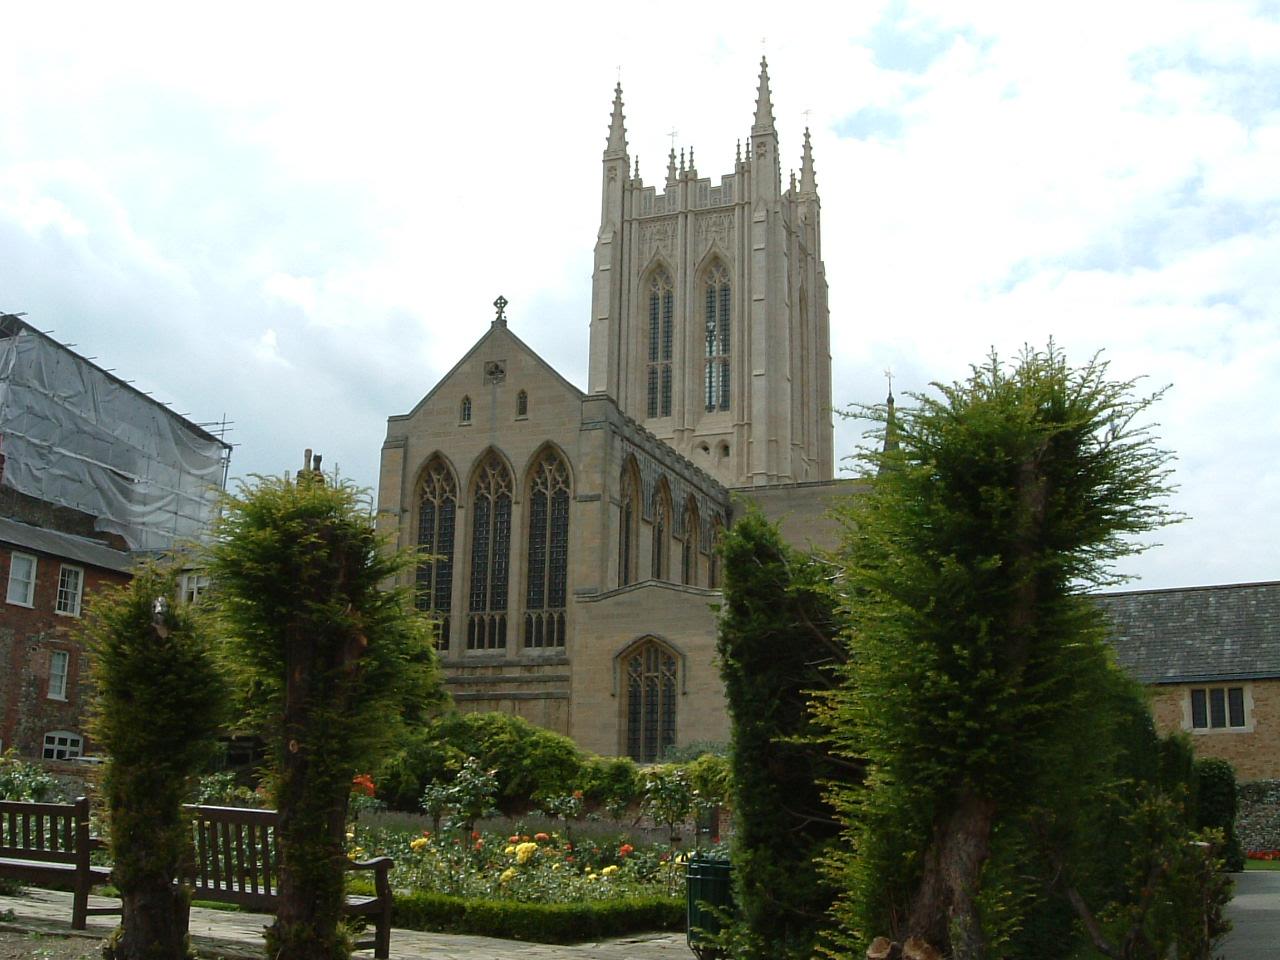 St Edmundsbury Cathedral from Bury Saint Edmunds, United Kingdom